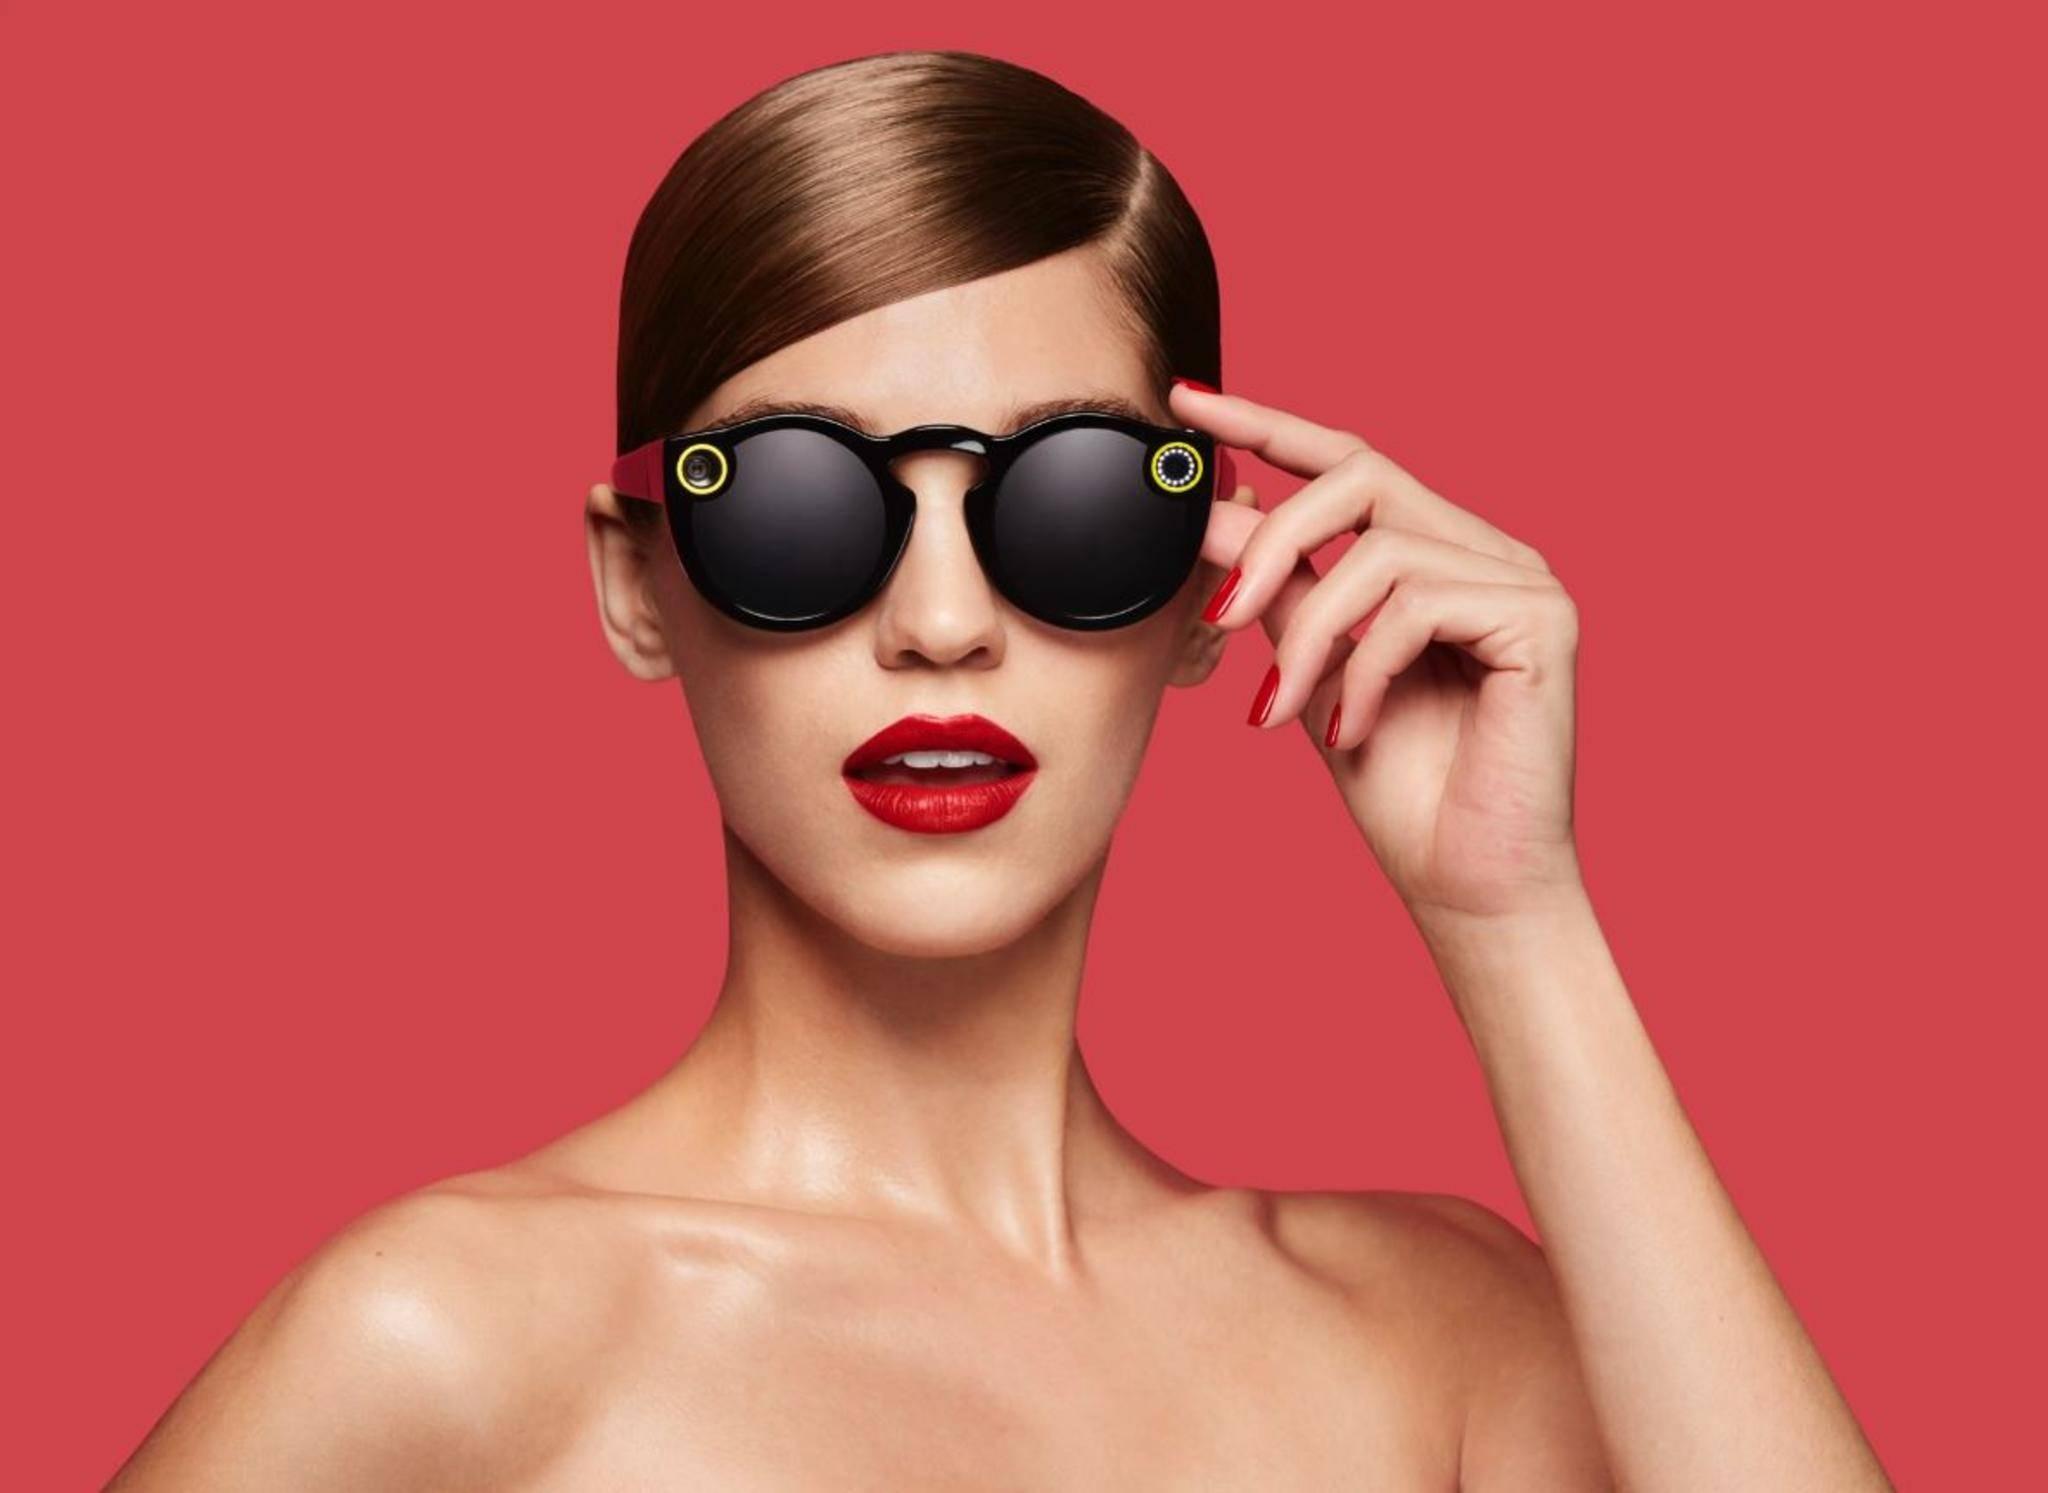 Spectacle ist die neue Video-Brille von Snapchat.